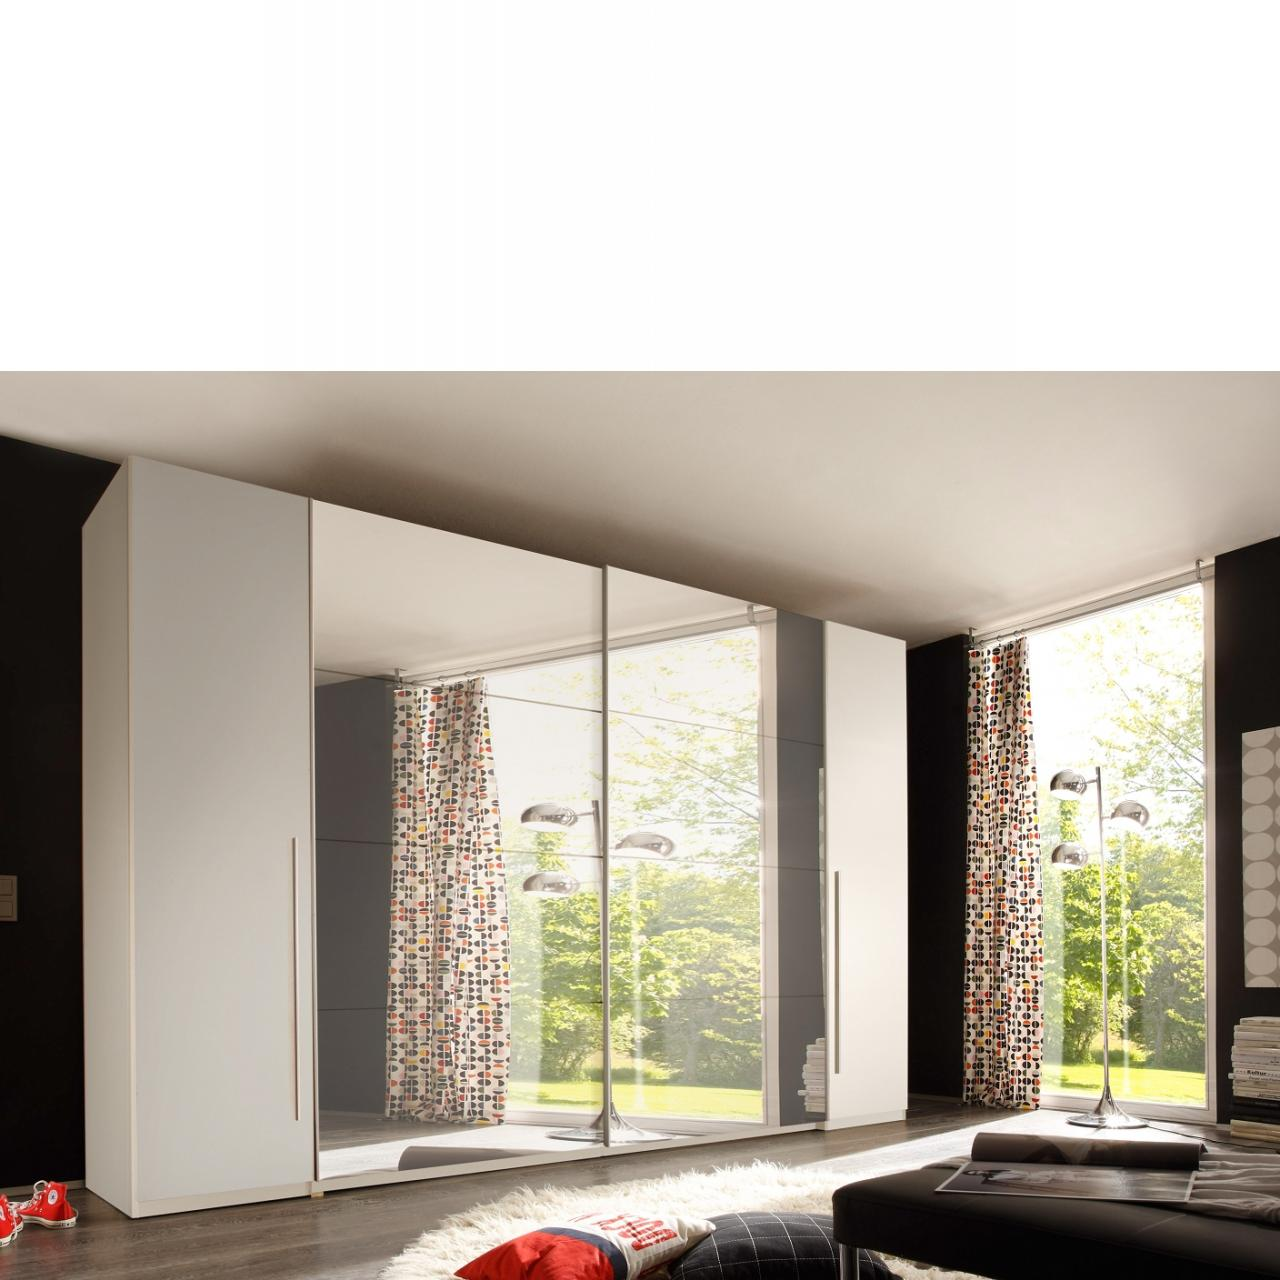 Kleiderschrank Match 2 Schwebetürenschrank Mit Spiegel Weiß Schlafzimmerschrank